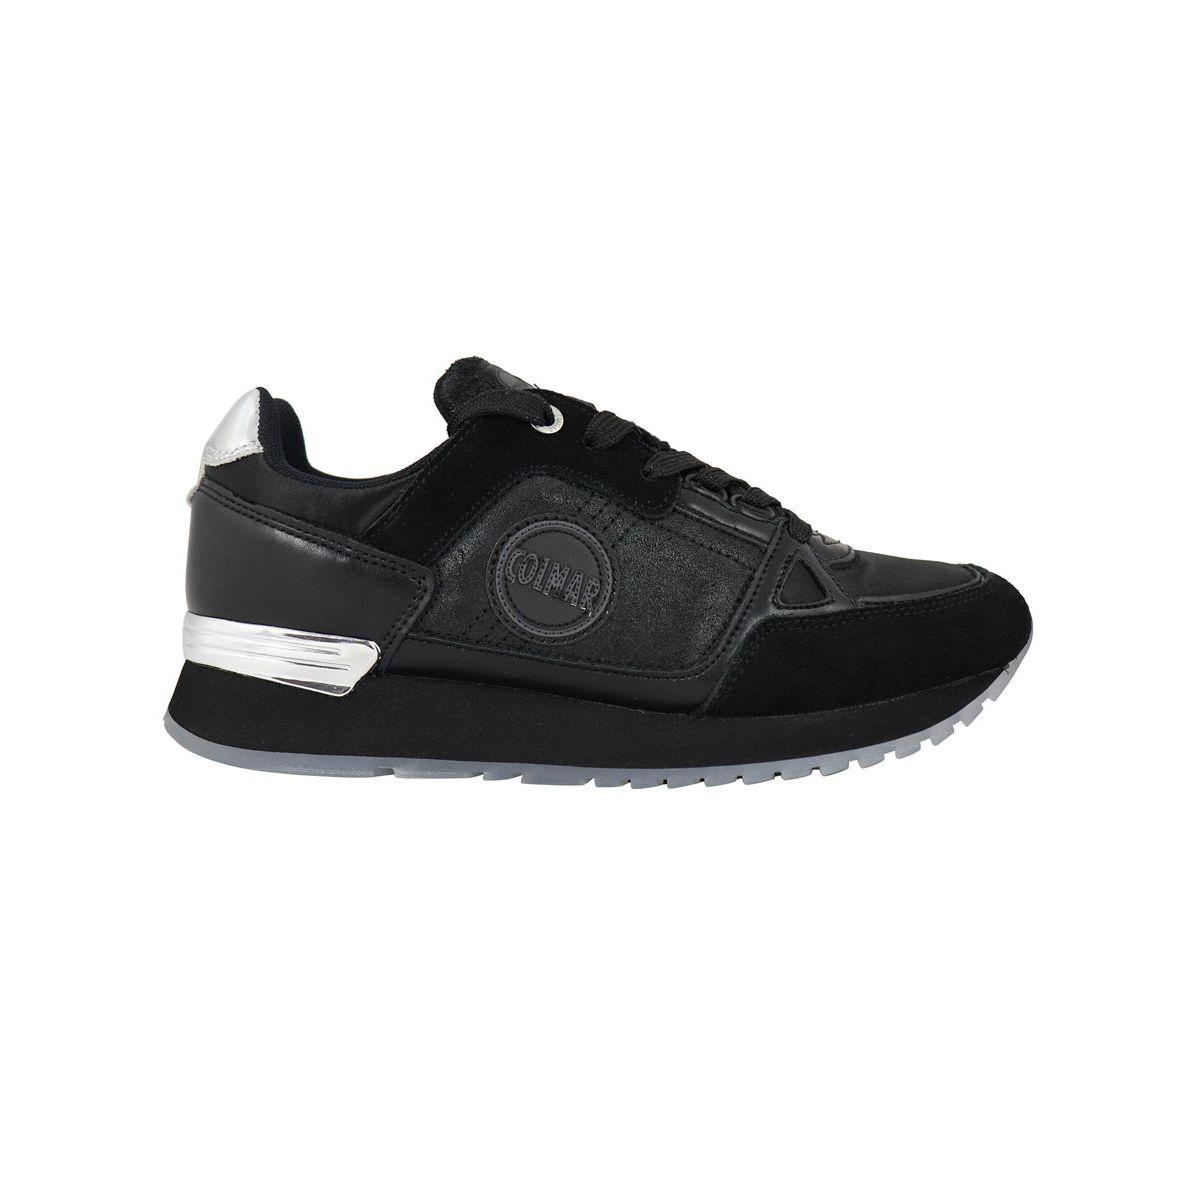 SUPREME GLOOM sneakers Black Colmar Shoes